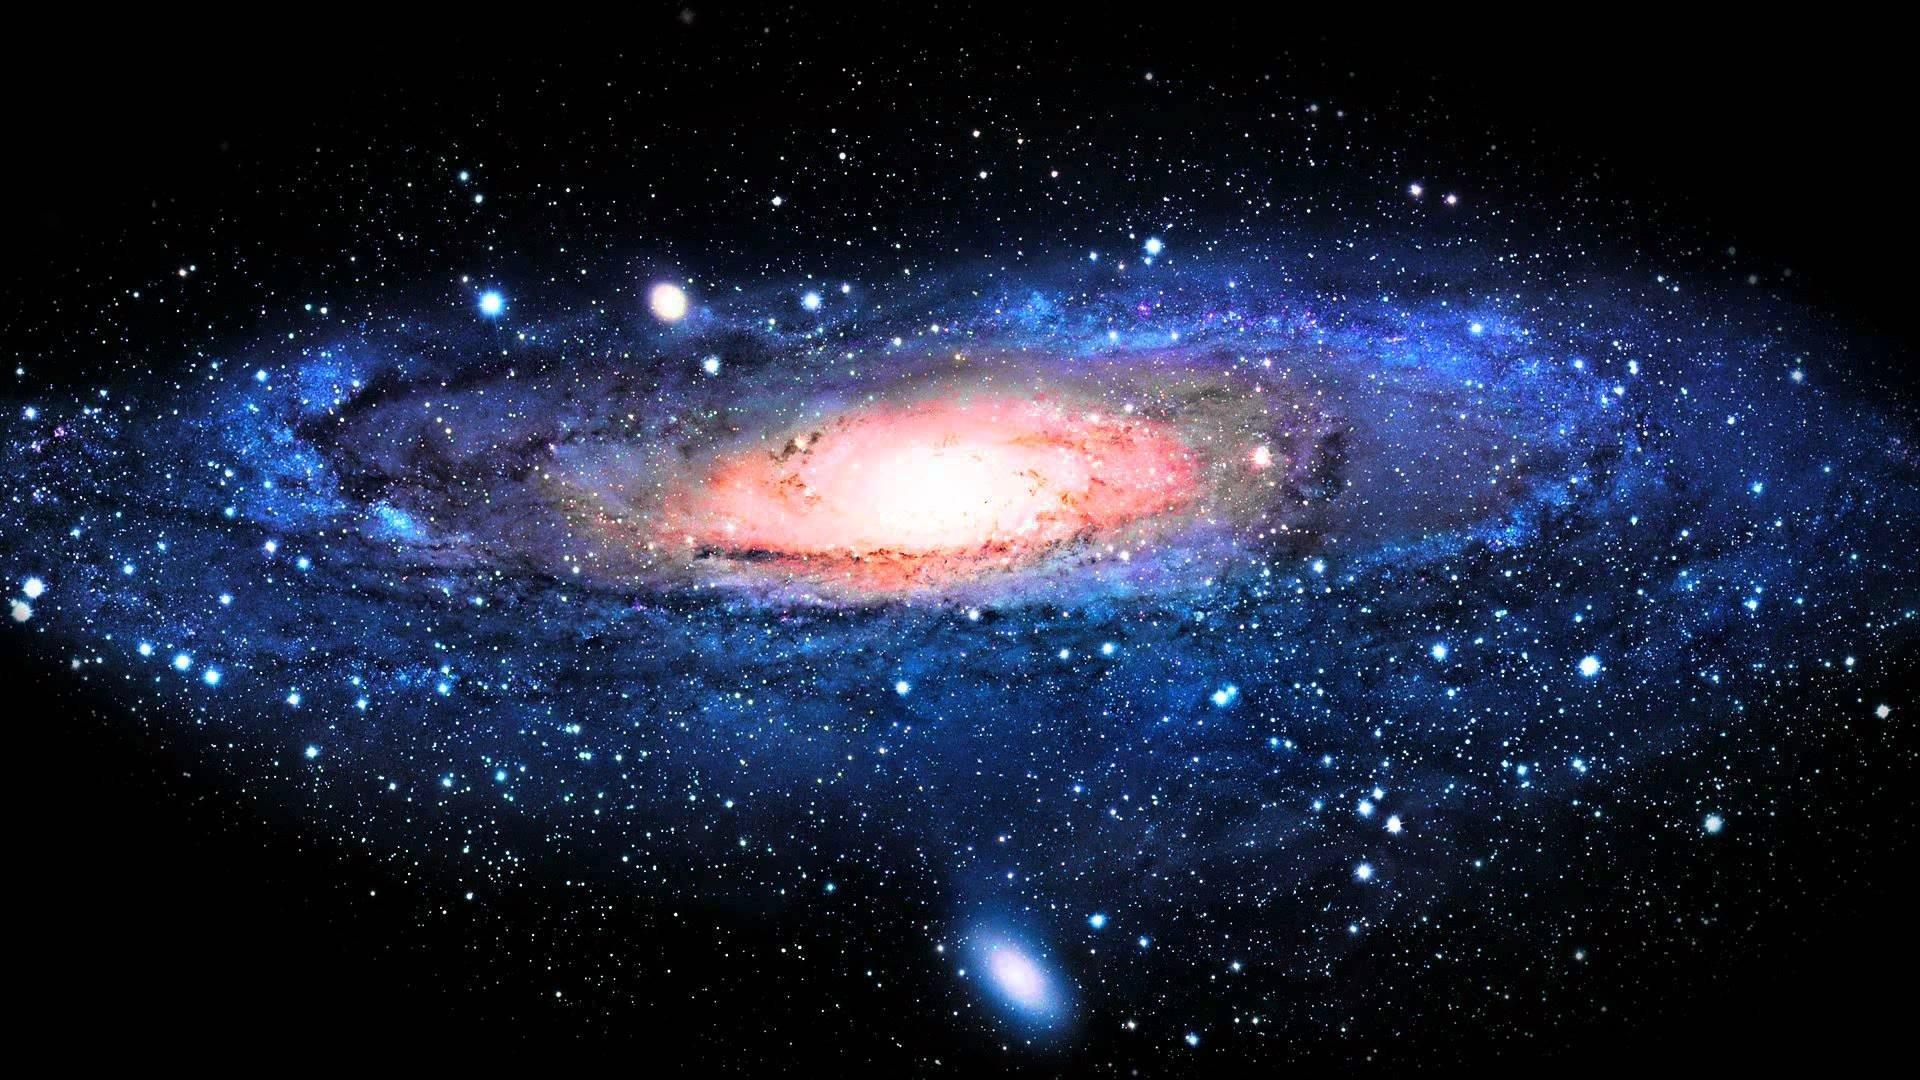 Físico explica como a ciência constata existência de Deus: